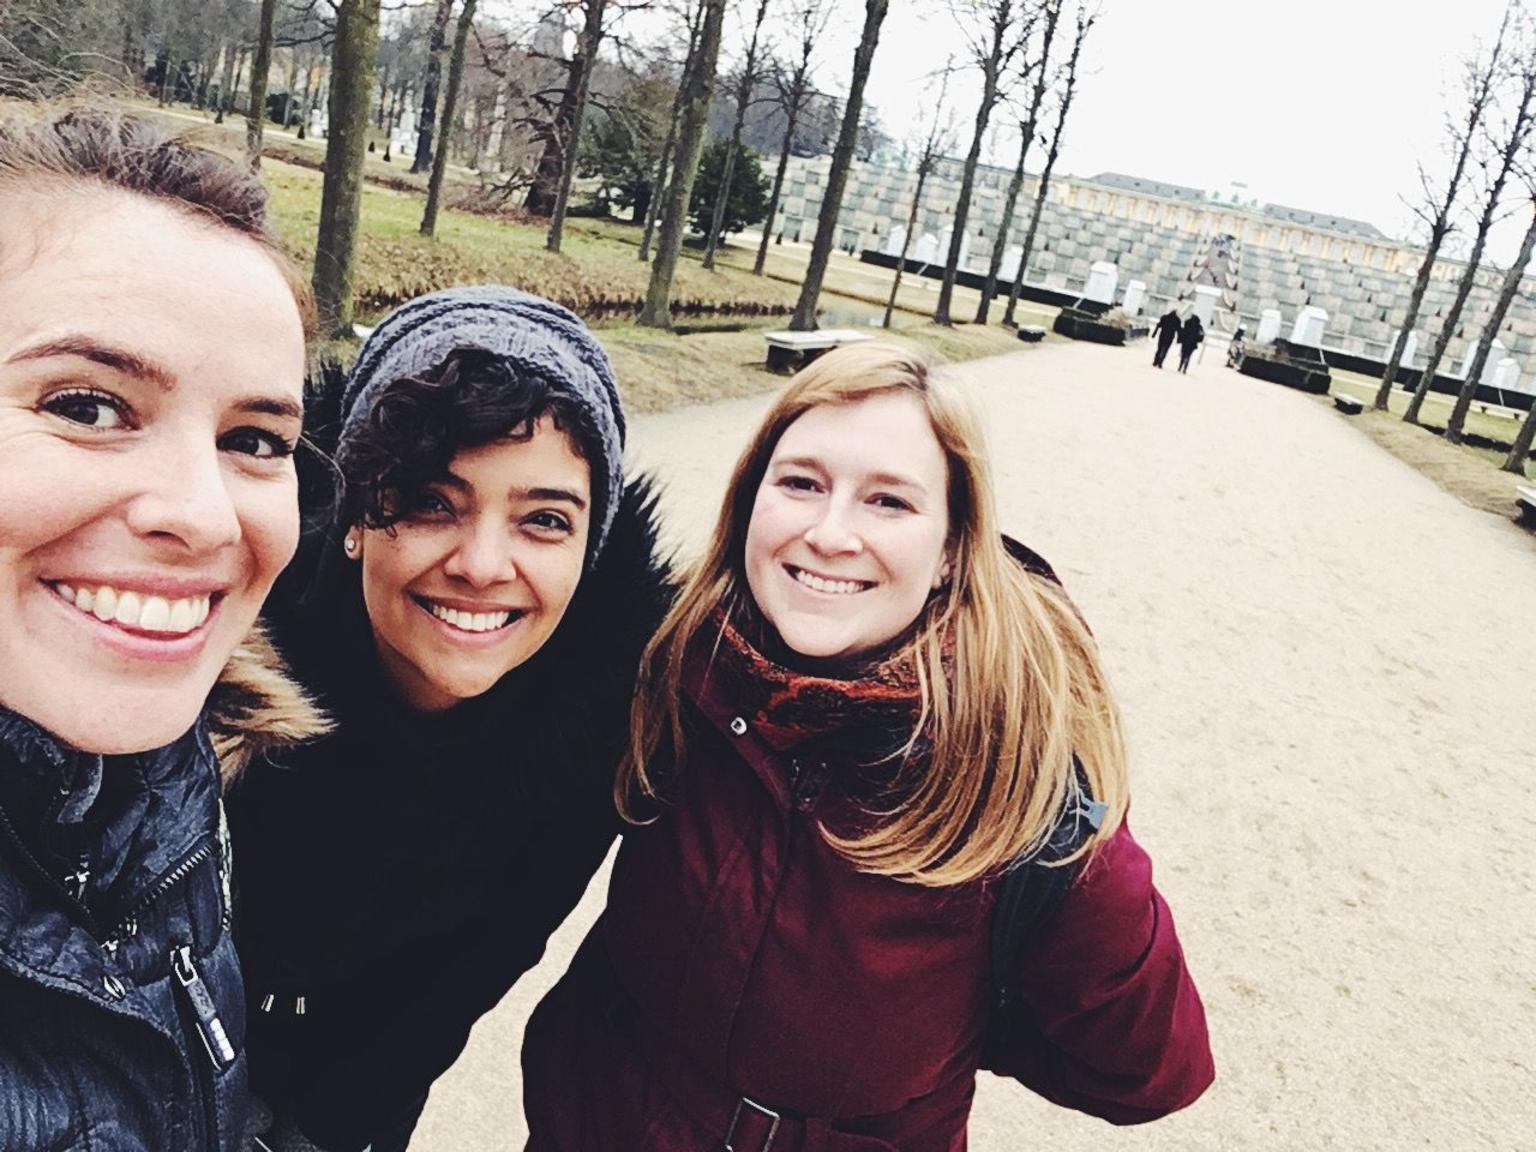 MAIS FOTOS, Excursão a pé na Cidade dos Imperadores em Potsdam